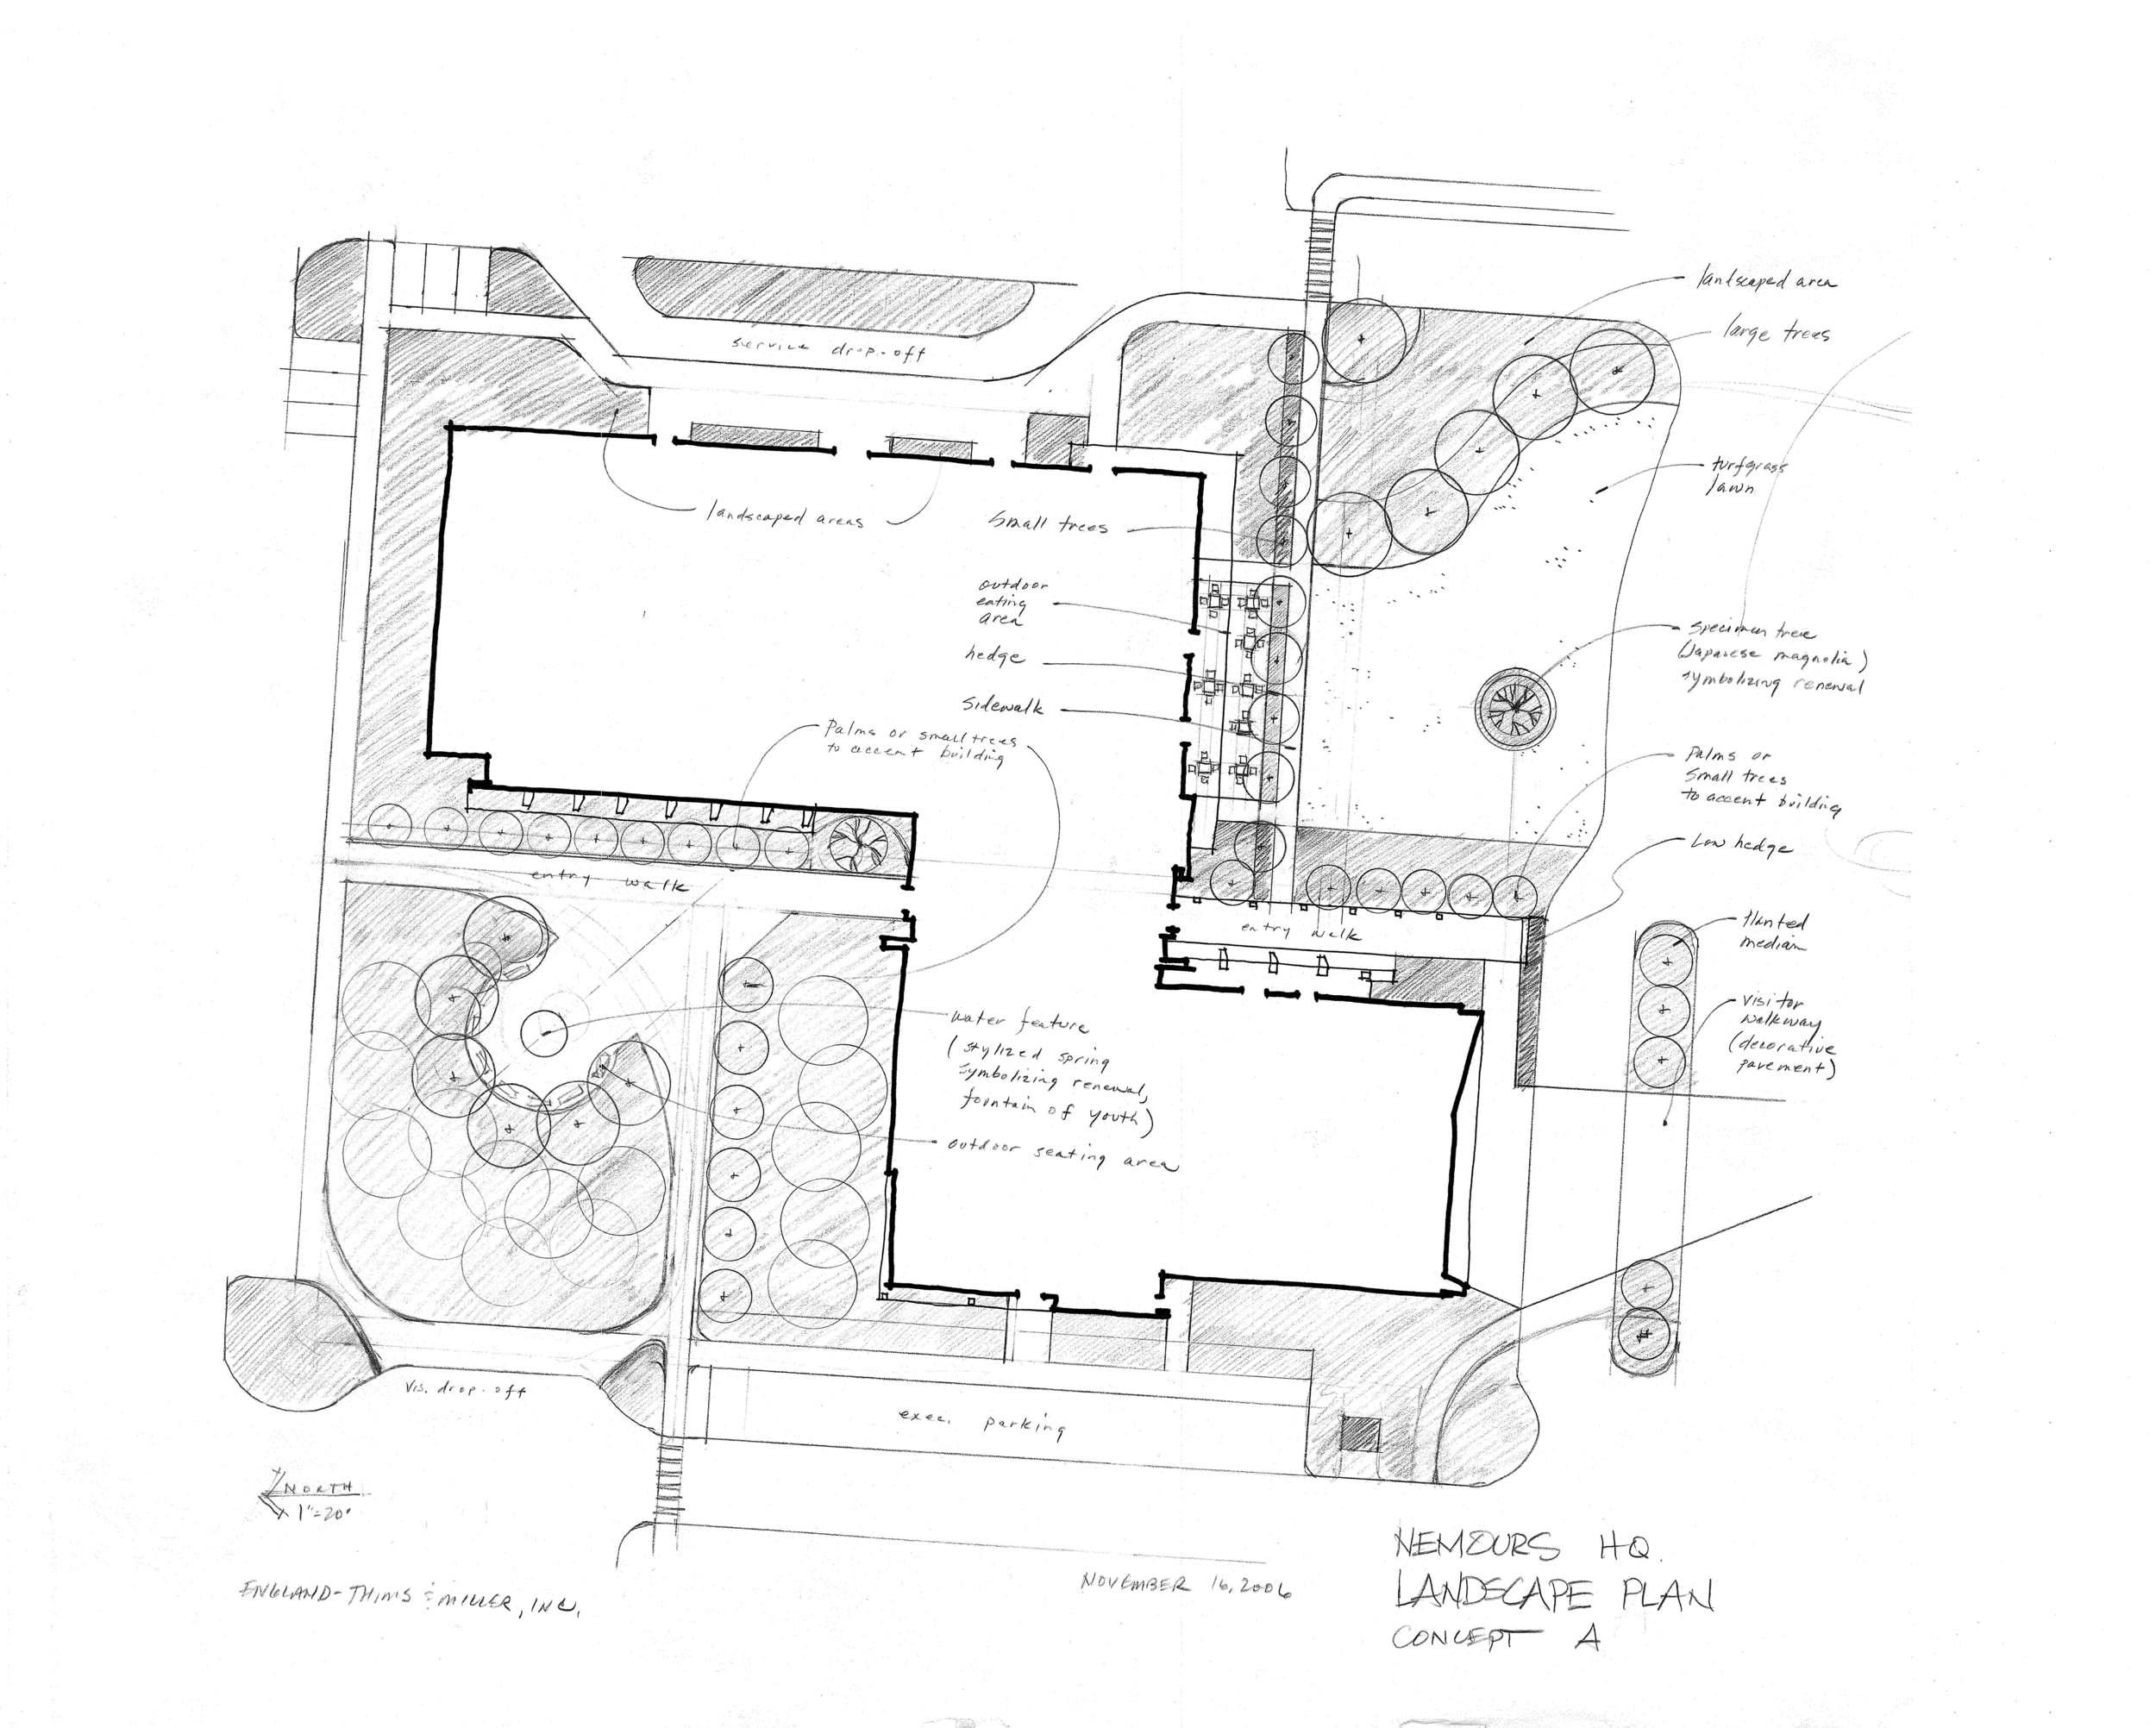 Nemours Headquarters Concept Plan